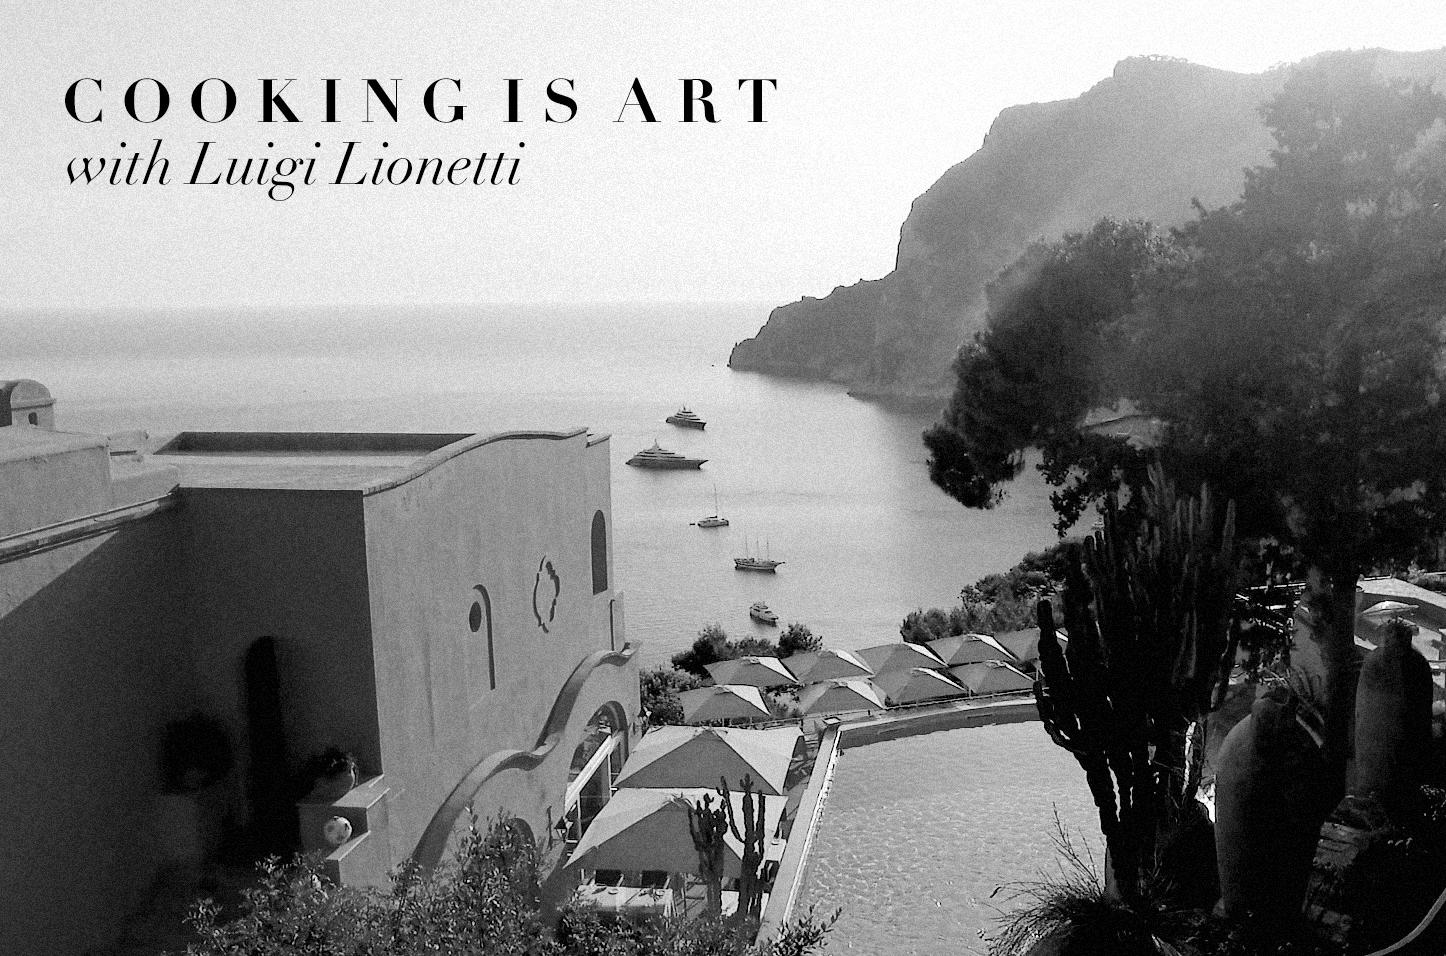 zefyrlife zefyr life punta tragara capri monzu restaurant luigi lionetti luxury travel food cooking show cooking is art